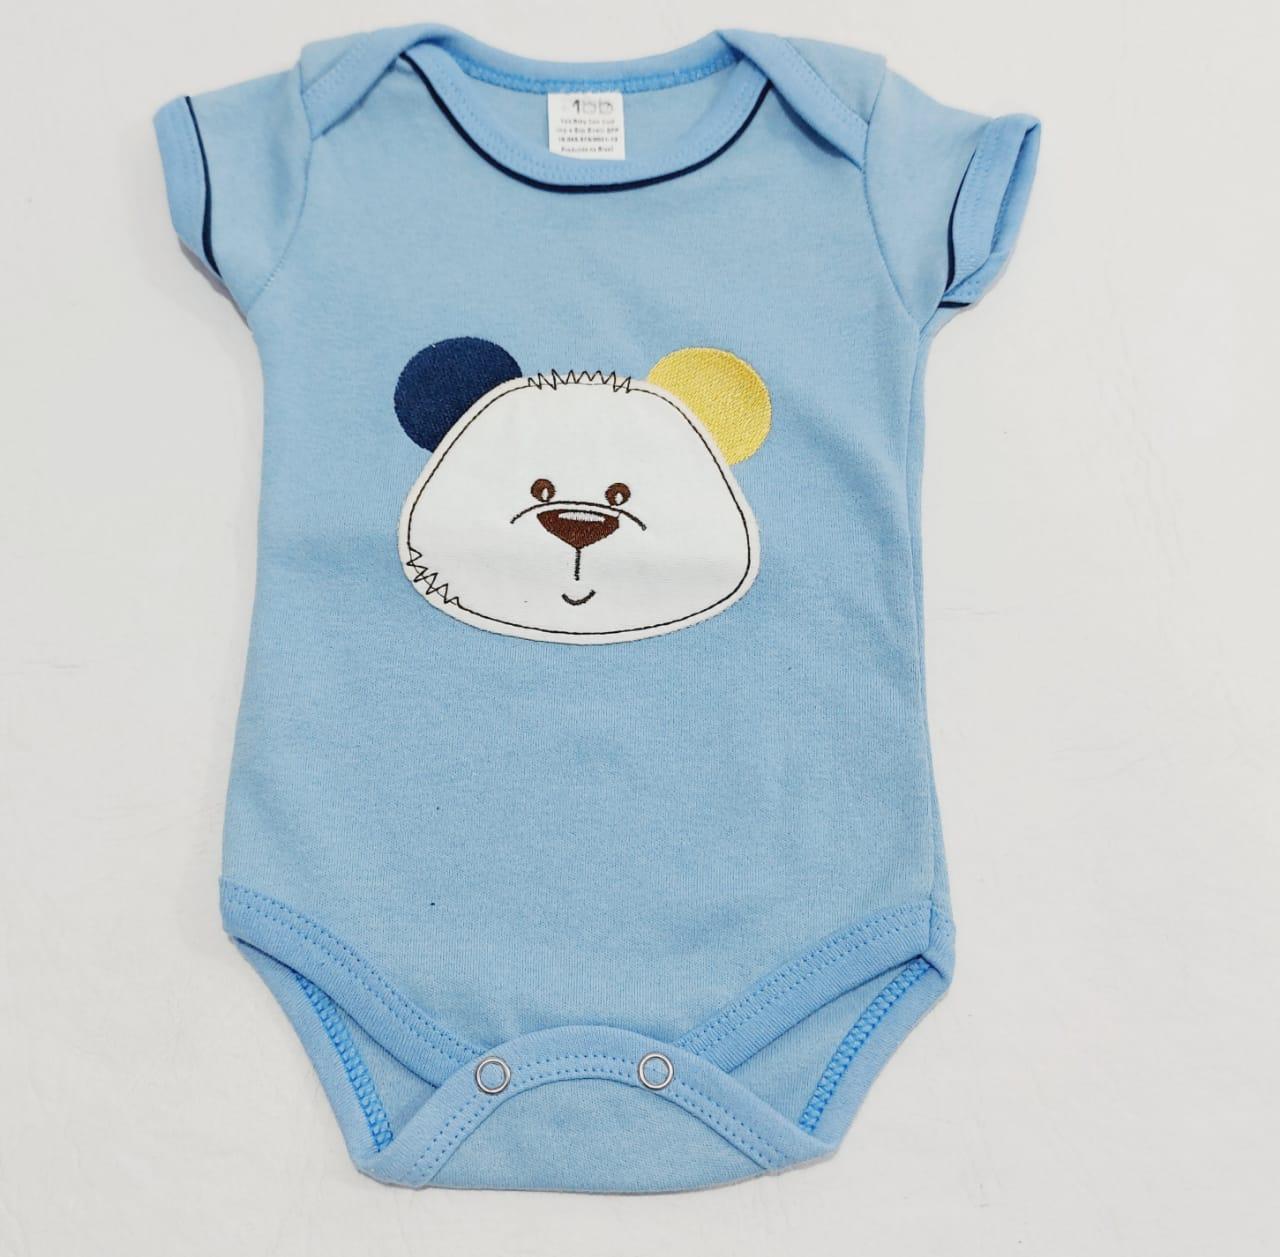 Body Baby Bear - Meia Manga Bordado - 0 à 8 meses - 100% Algodão - Yala Baby